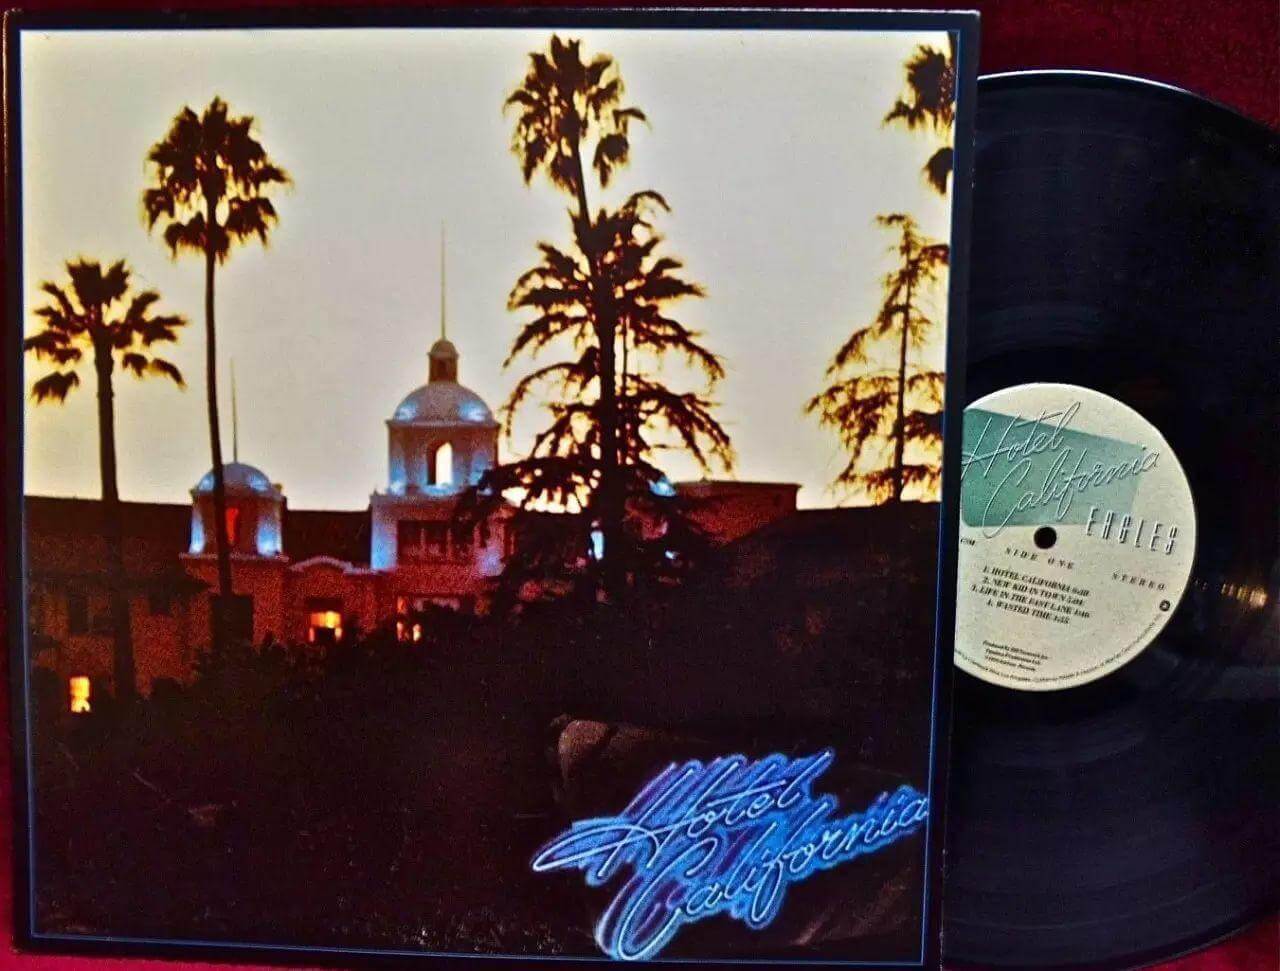 《加州旅馆》到底表达了什么?